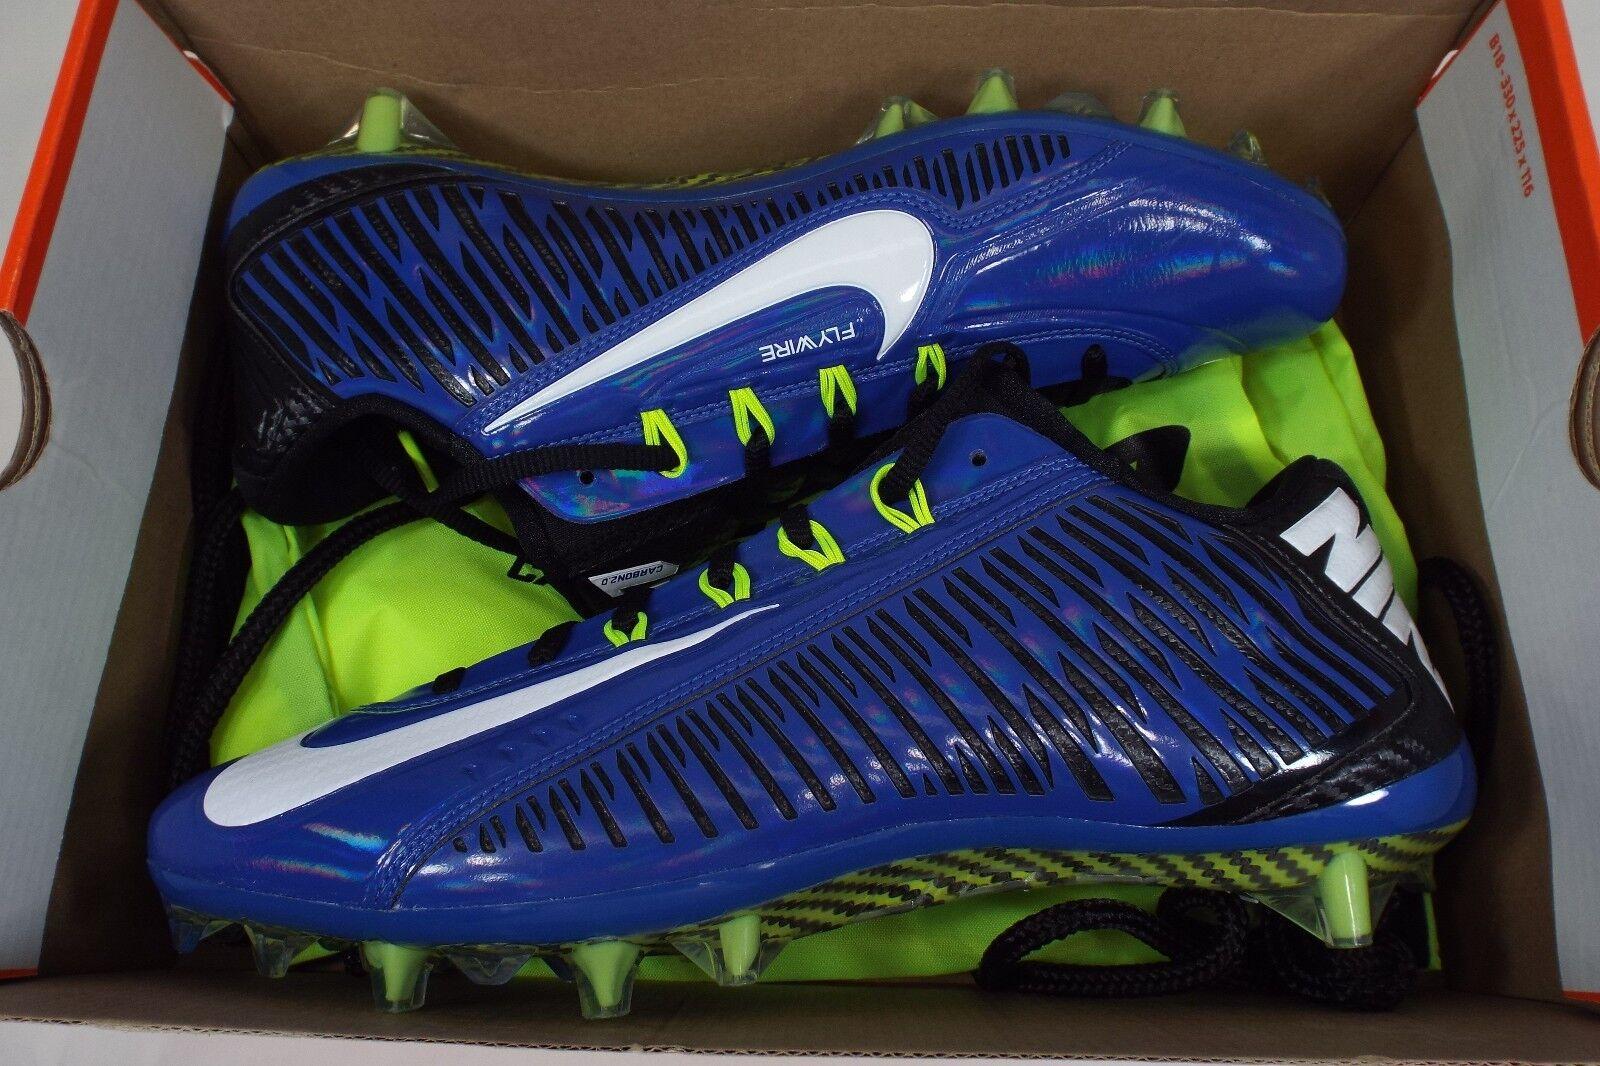 neue männer - nike elt 2014 td 10,5 nike - vapor blauer fußballschuhe schuhe 160 631425-411 e013a5